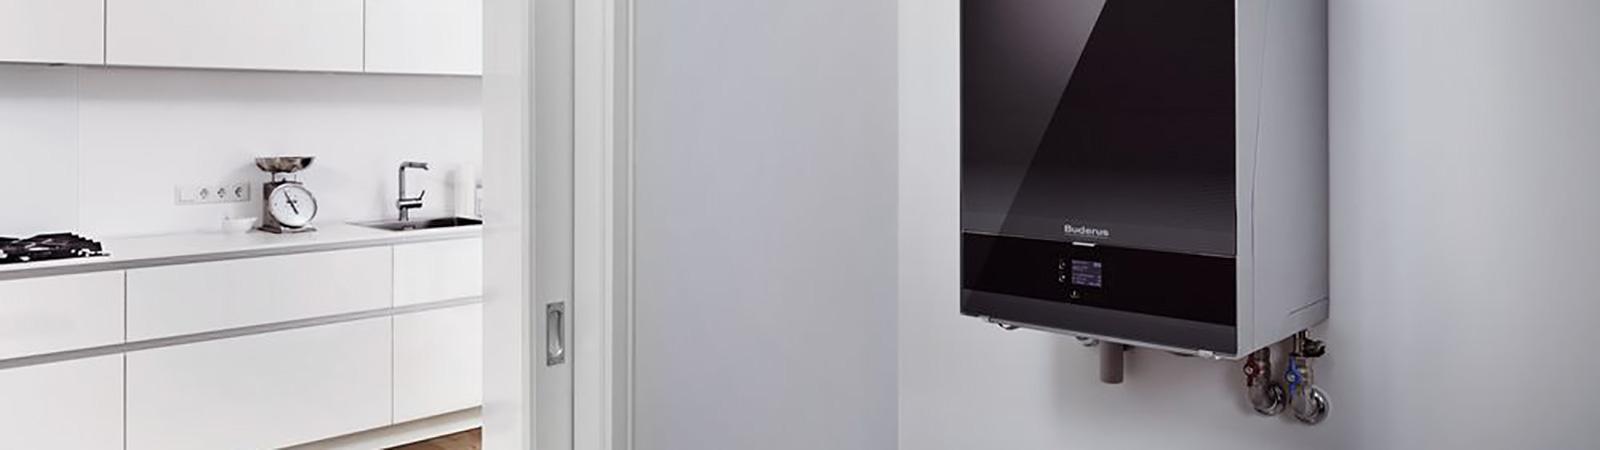 Heizthermen: Moderner Wohnkomfort mit kompakten Heizgeräten